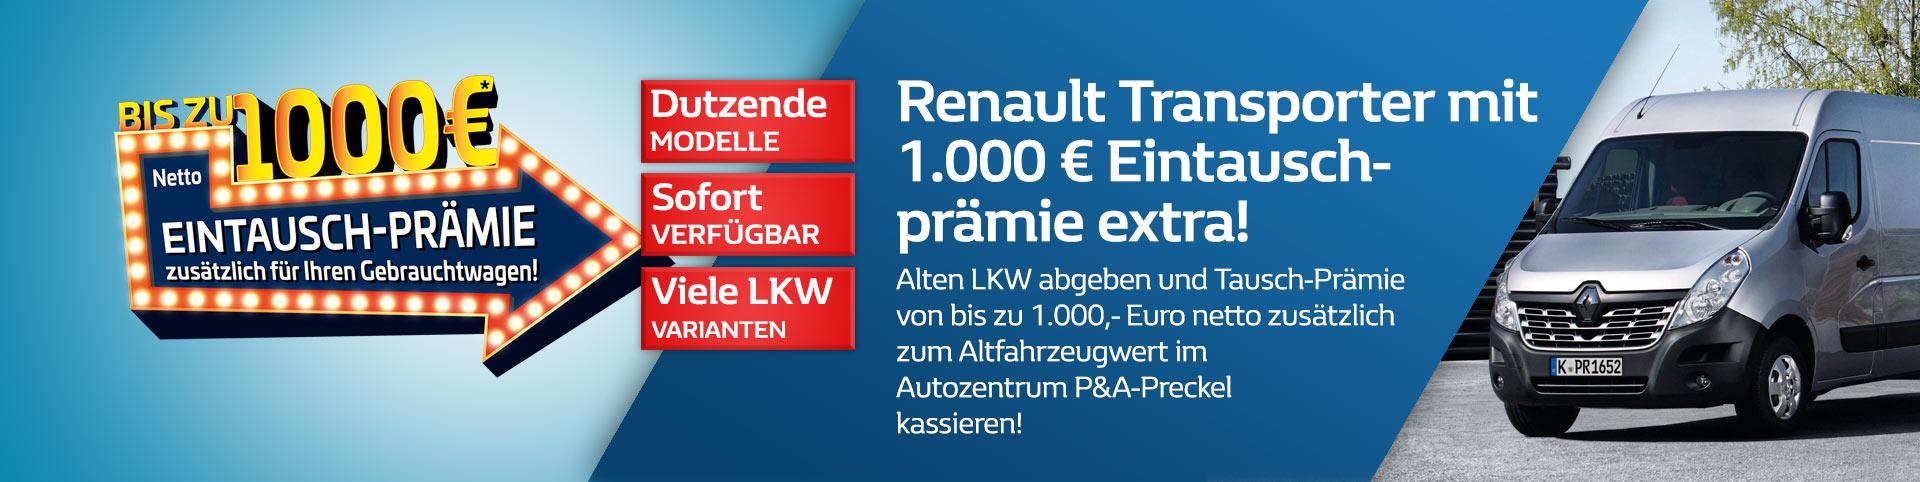 Renault Transporter mit Eintauschprämie